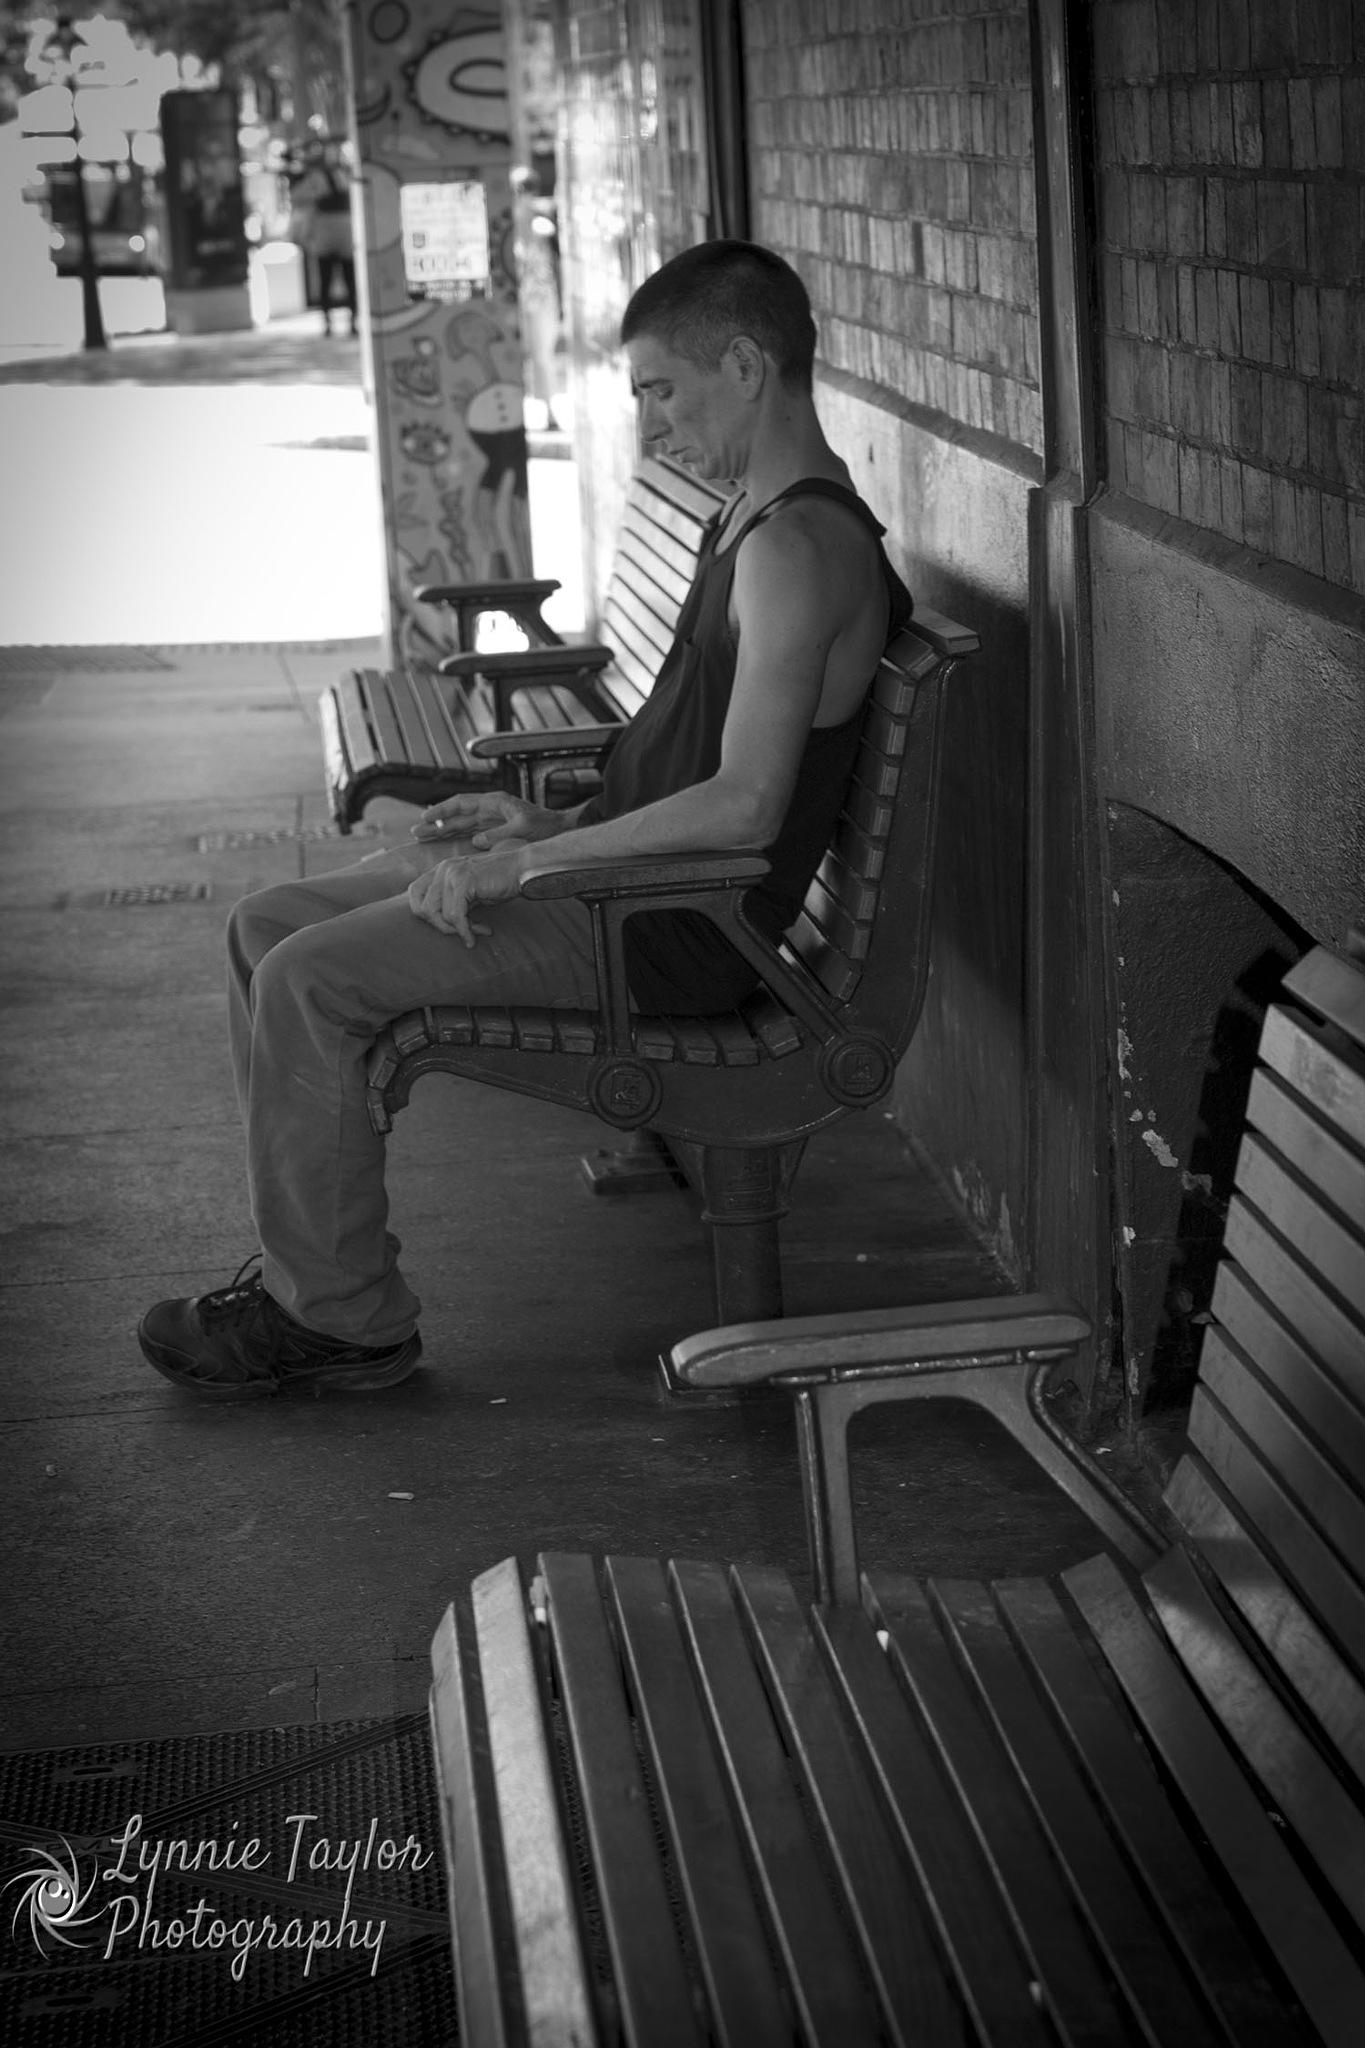 Alone by Lynnie taylor